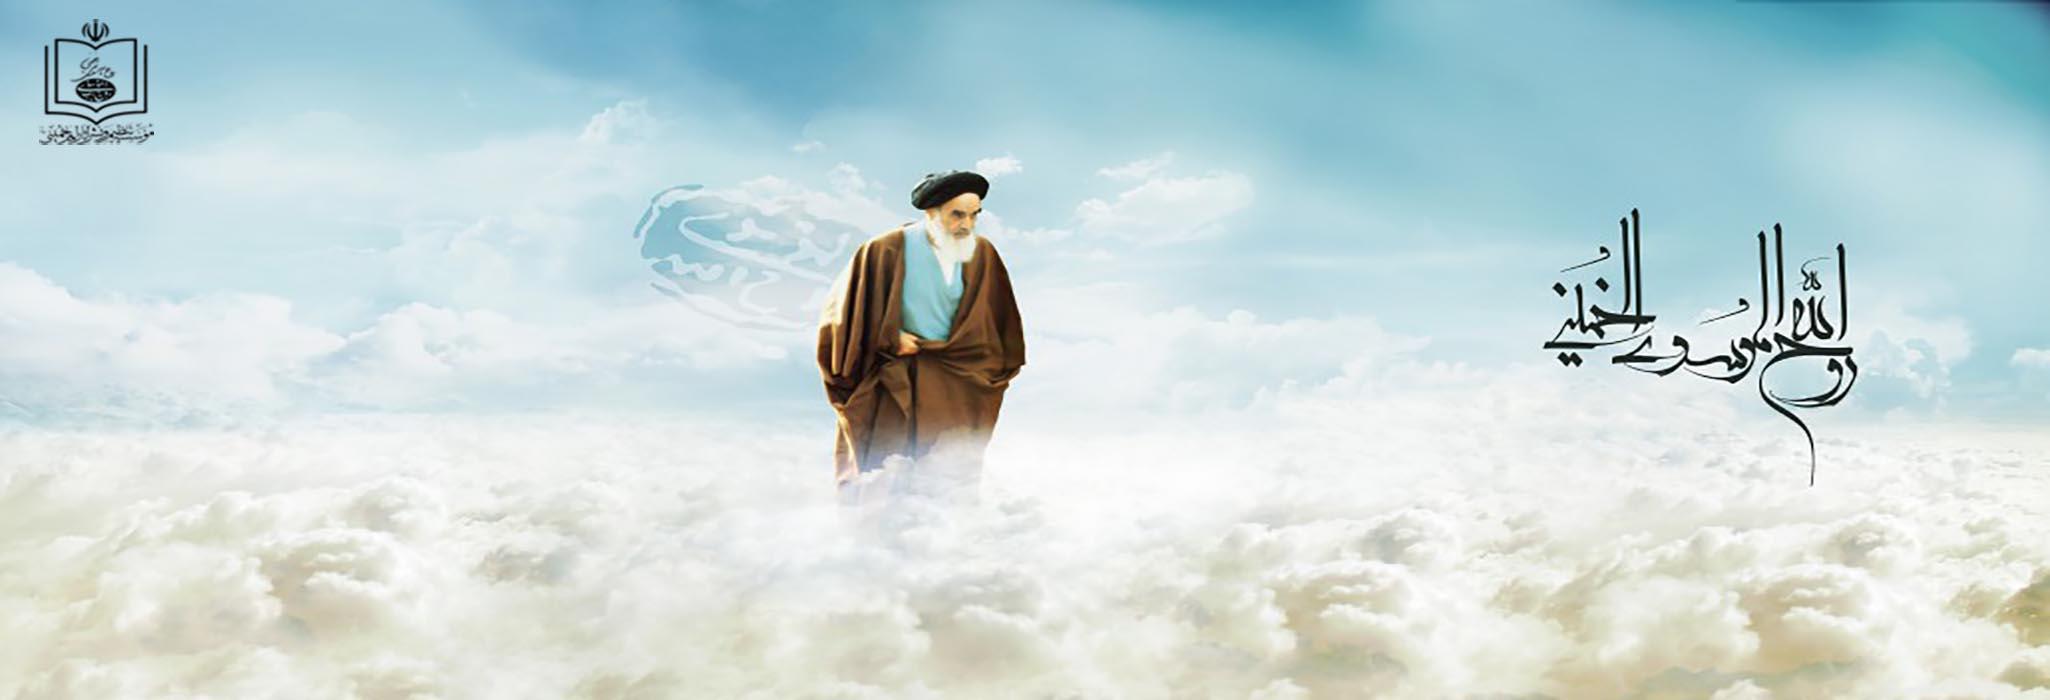 امام خمینی علیہ الرحمہ